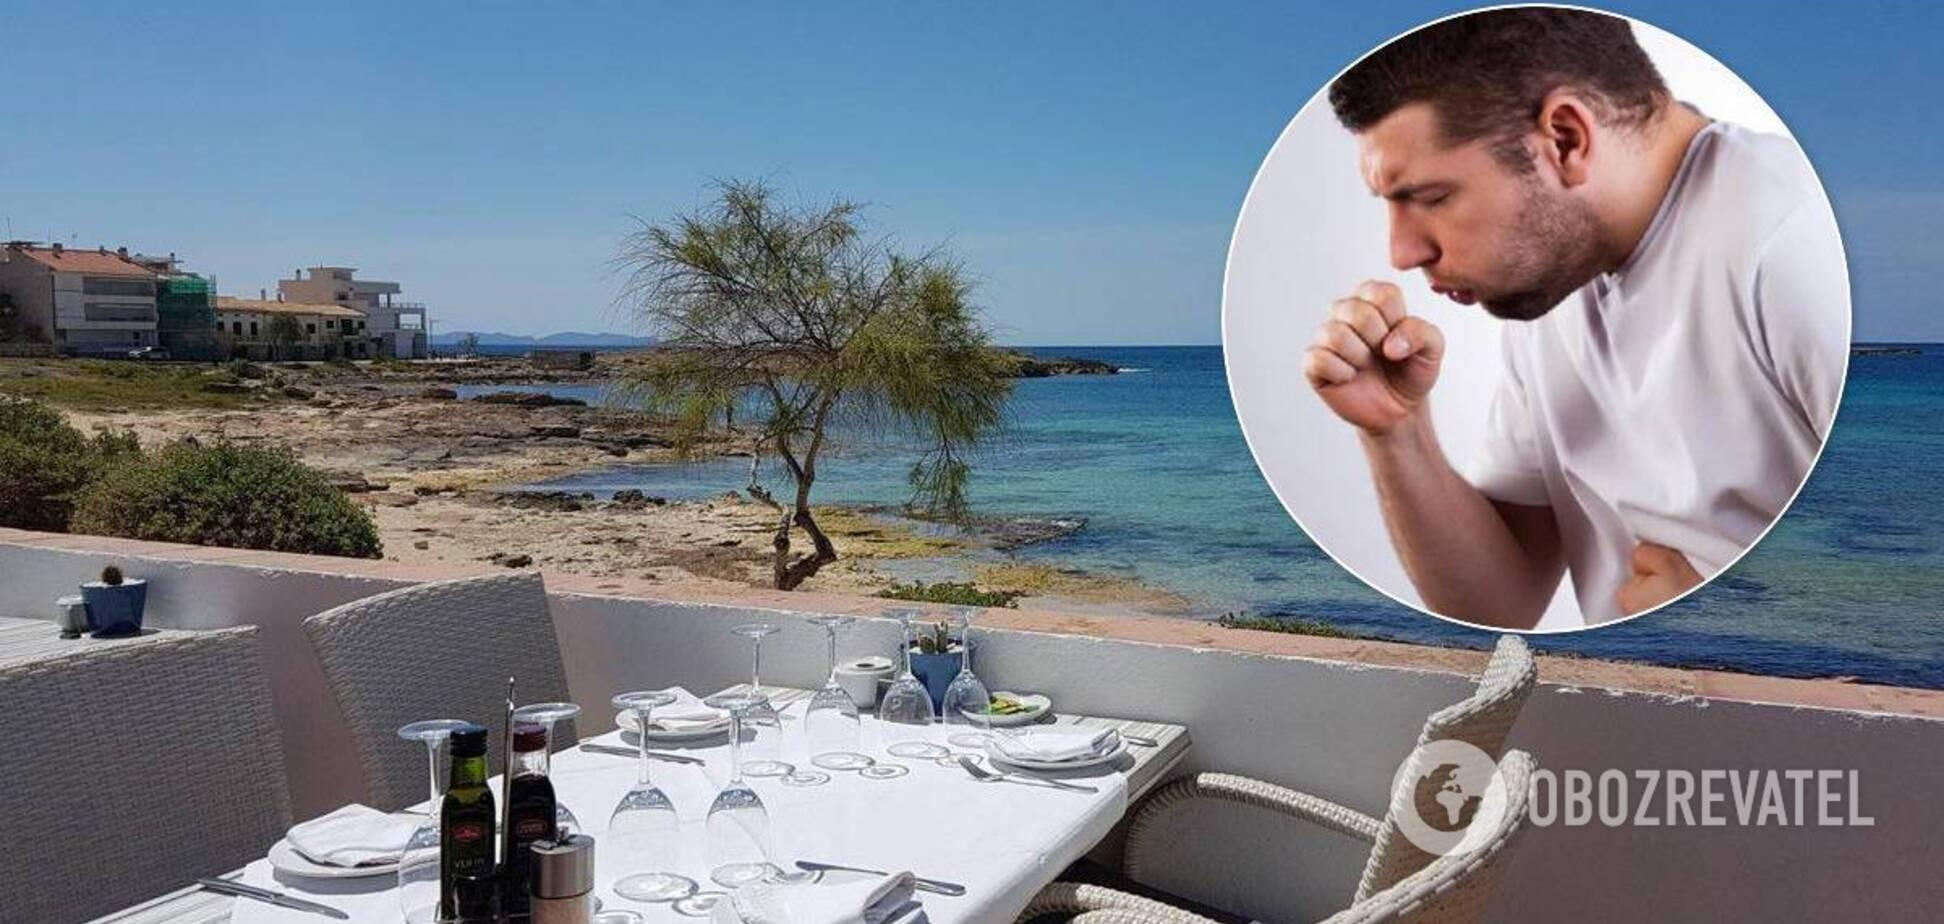 П'яного туриста заарештували за кашель в ресторані на популярному курорті